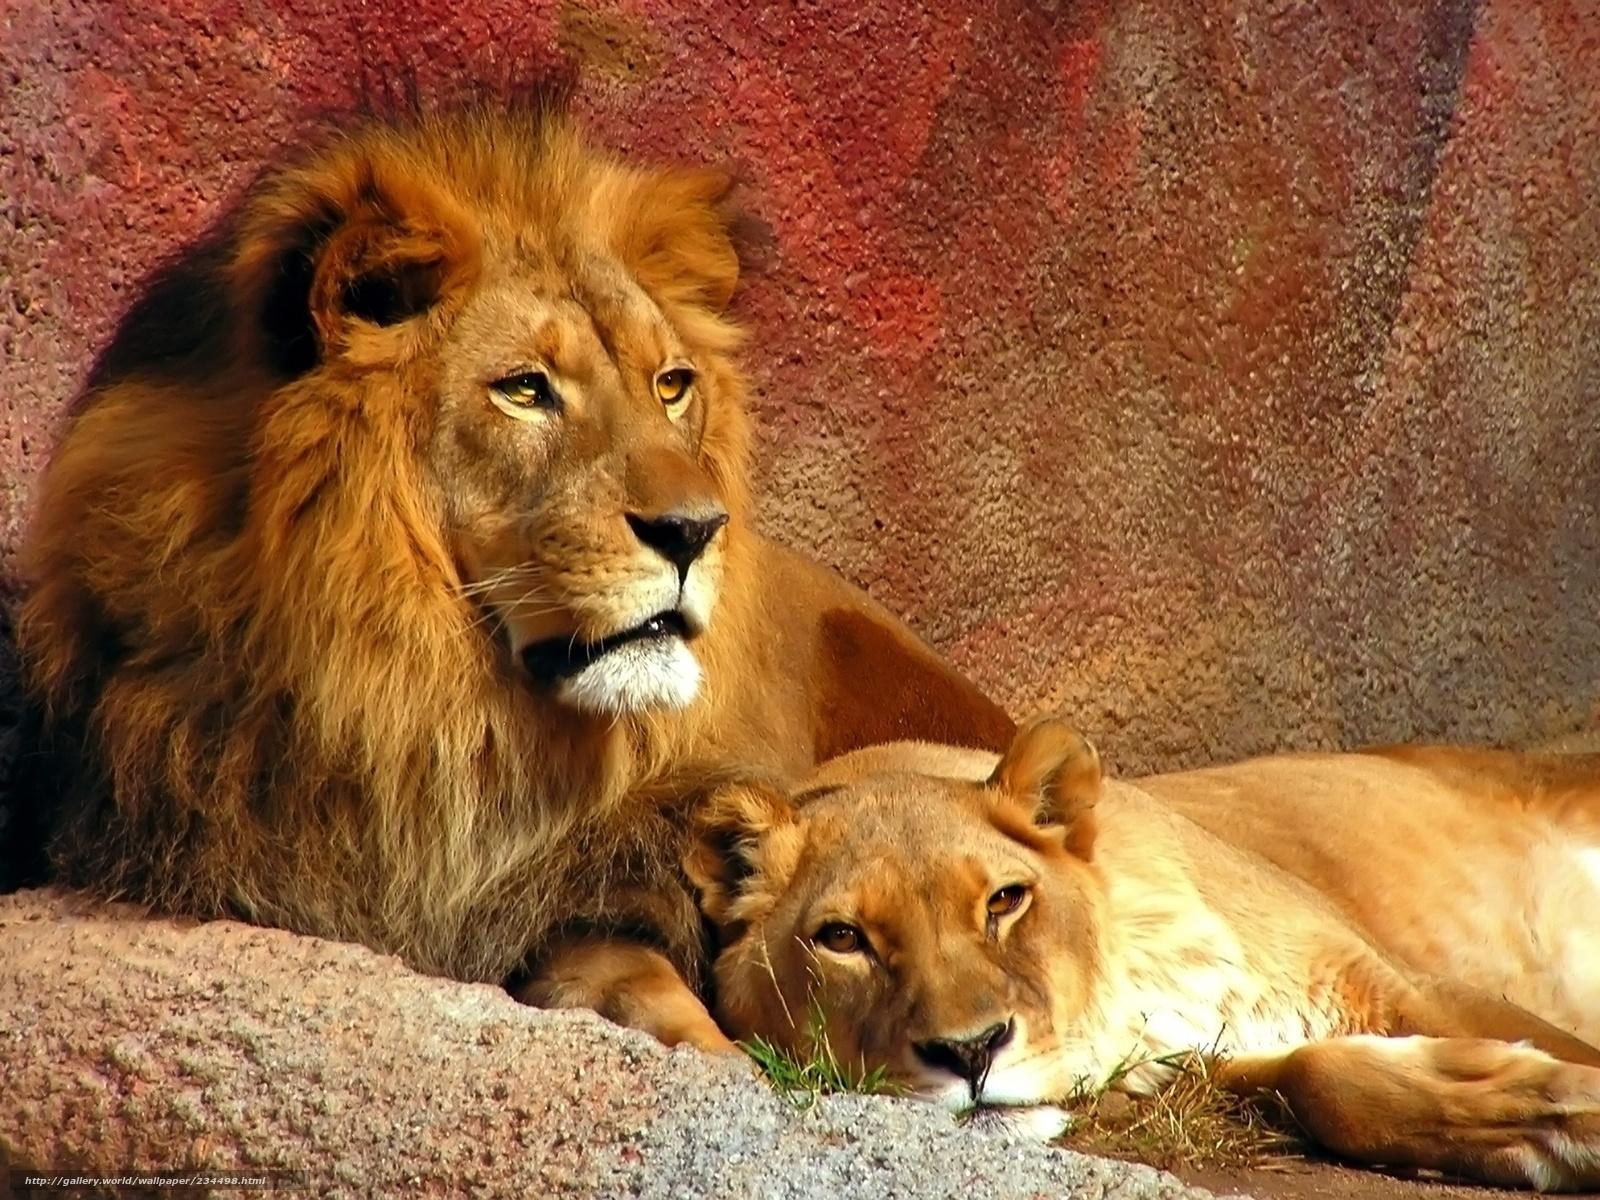 Scaricare gli sfondi lions leone leonessa predatore for Sfondi leone